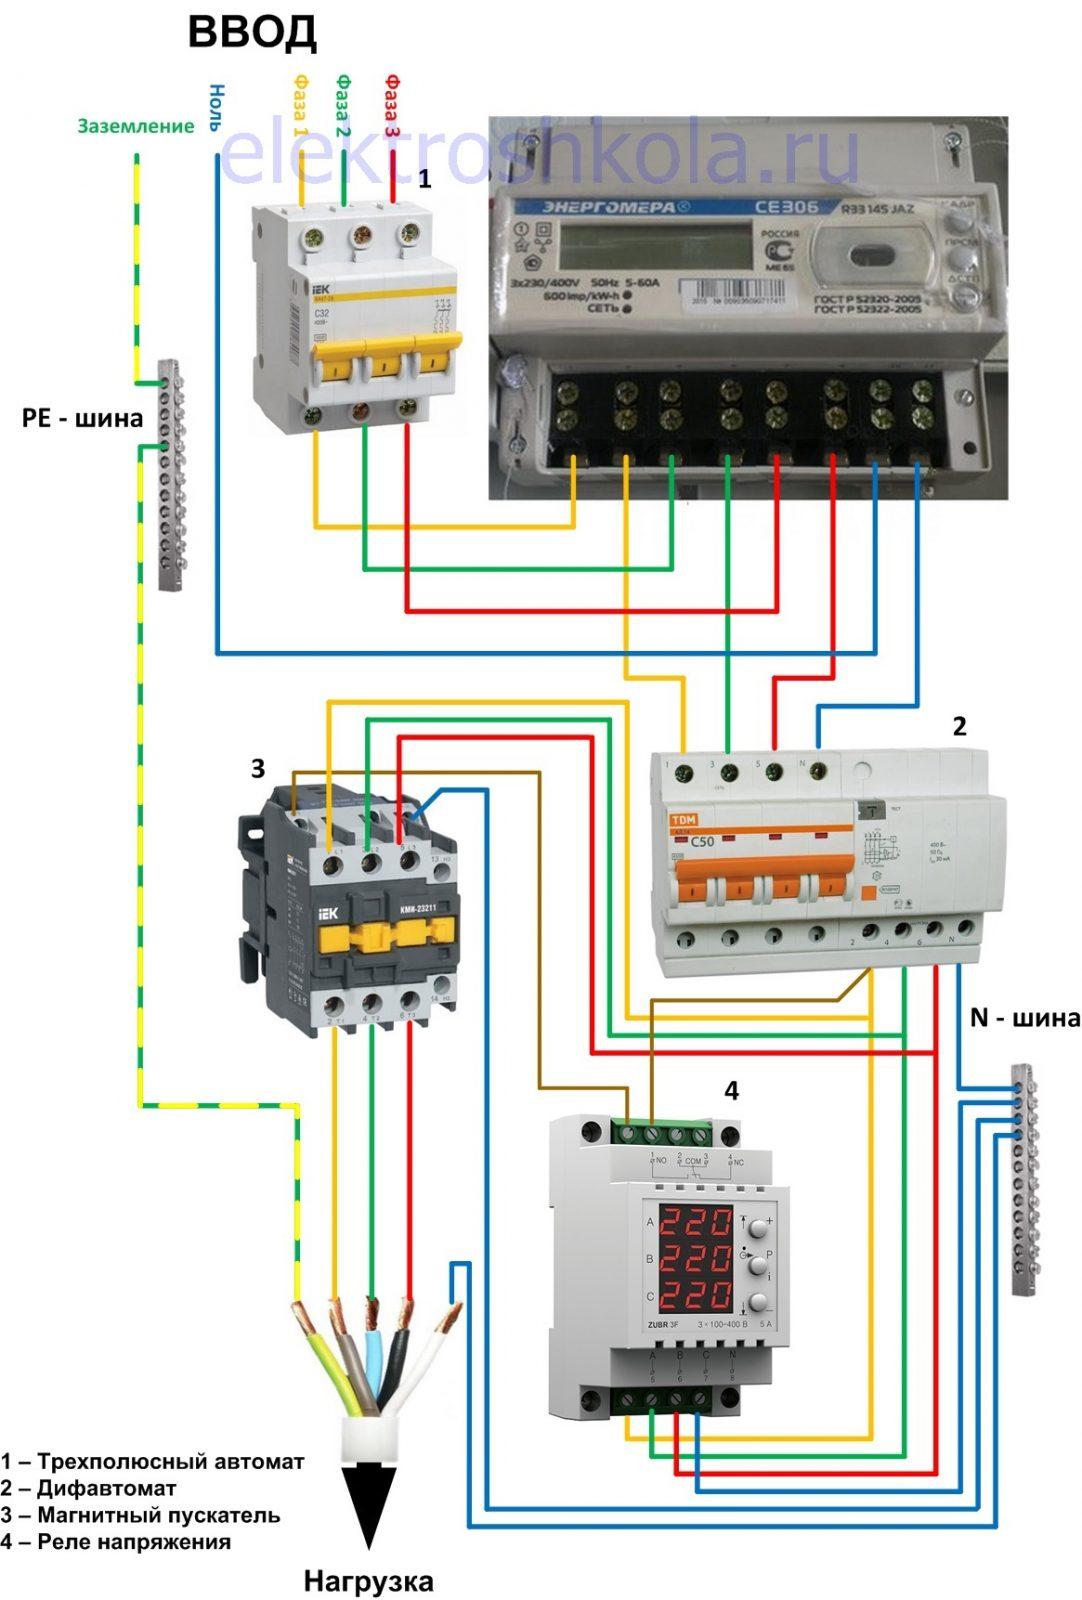 схема подключения трехфазного реле напряжения опосредованного (косвенного) включения с магнитным пускателем (контактором)